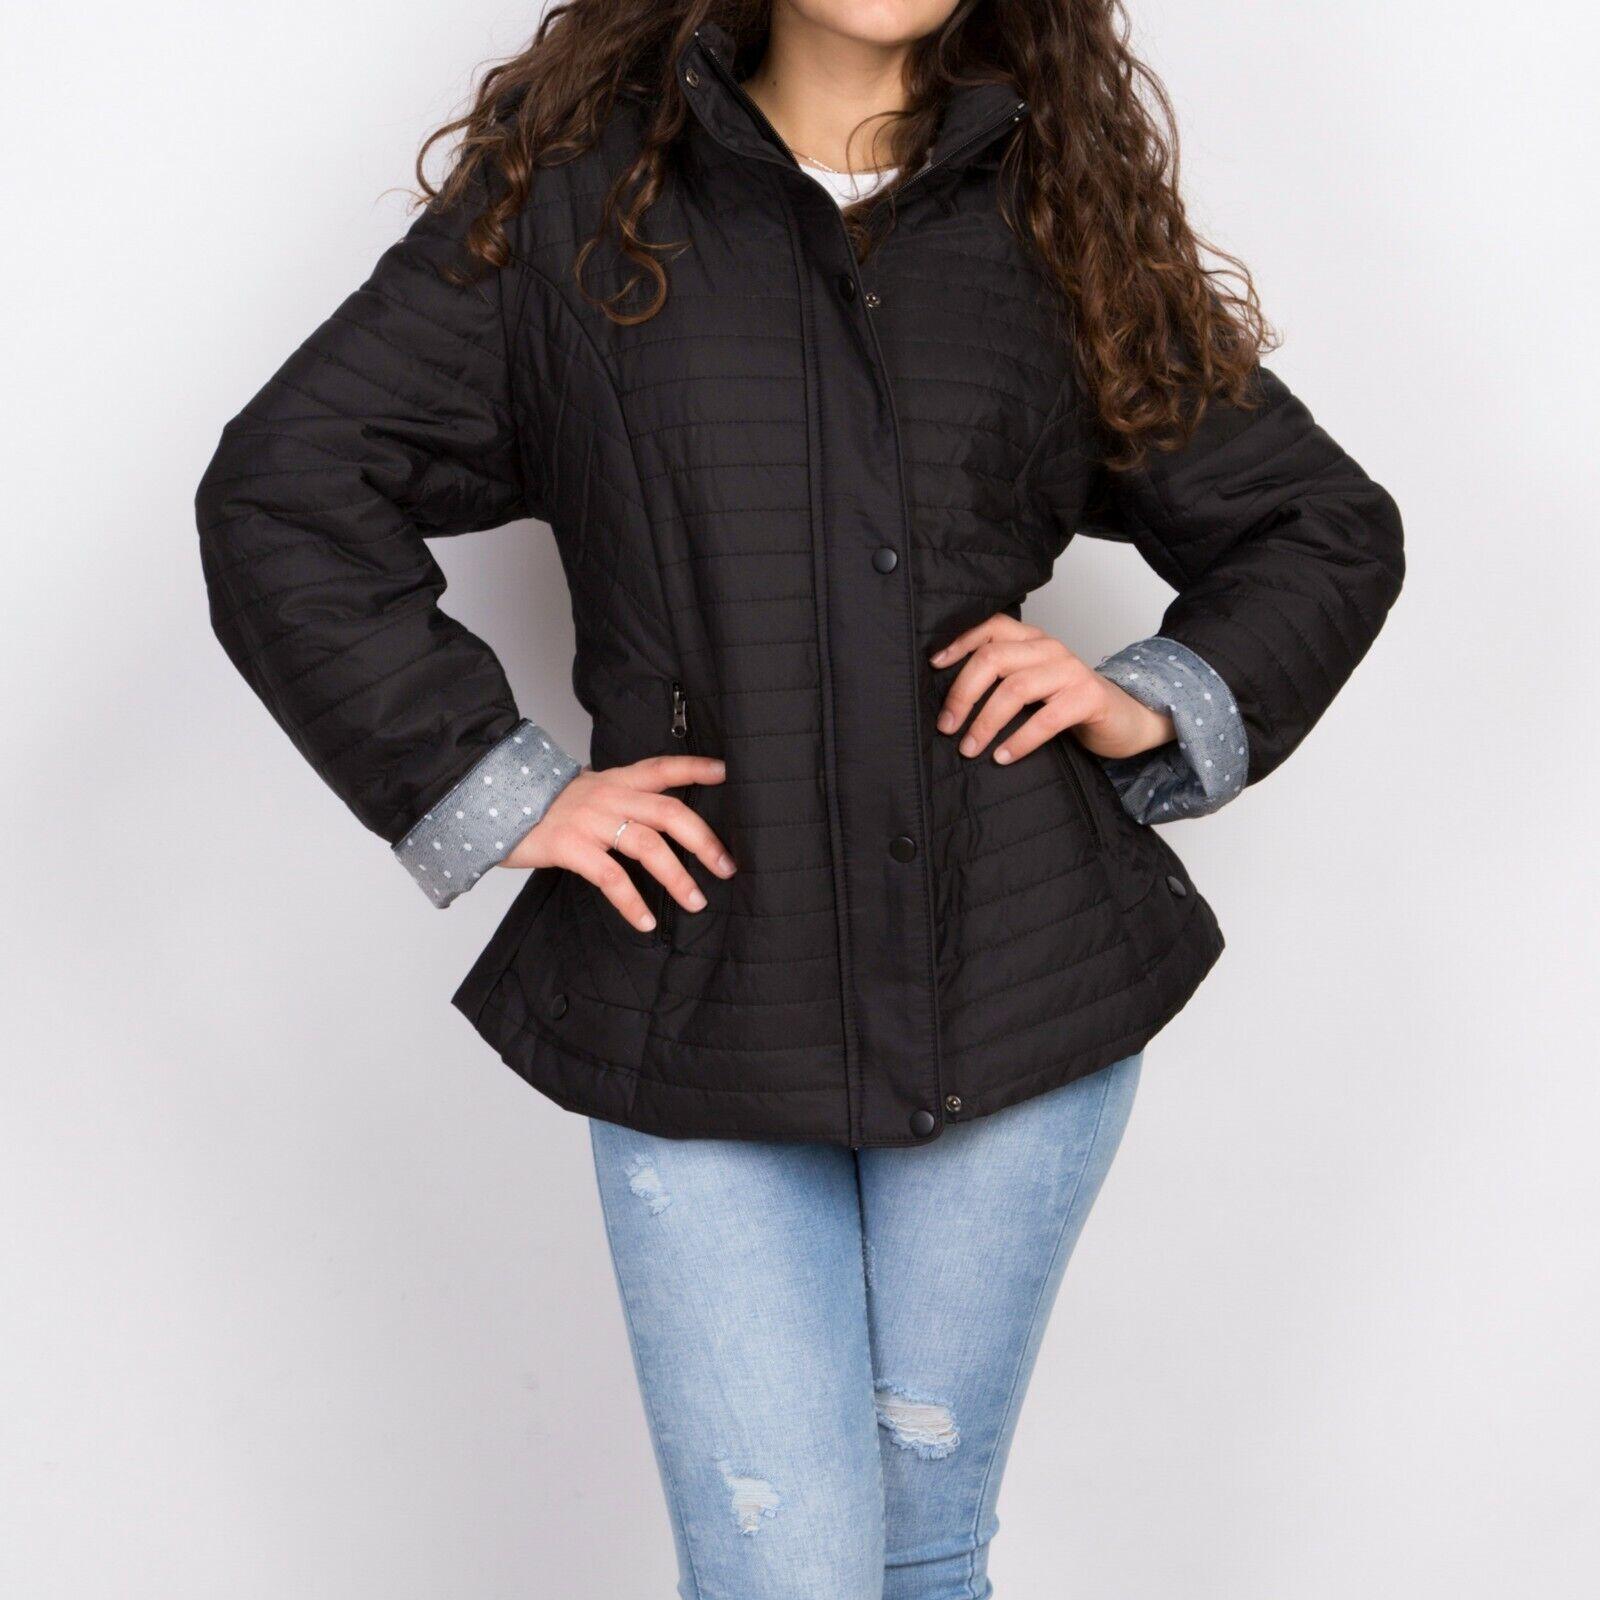 quality design ffa9b 92dbf Piumino donna giubbotto giacca 100 grammi leggero taglie ...